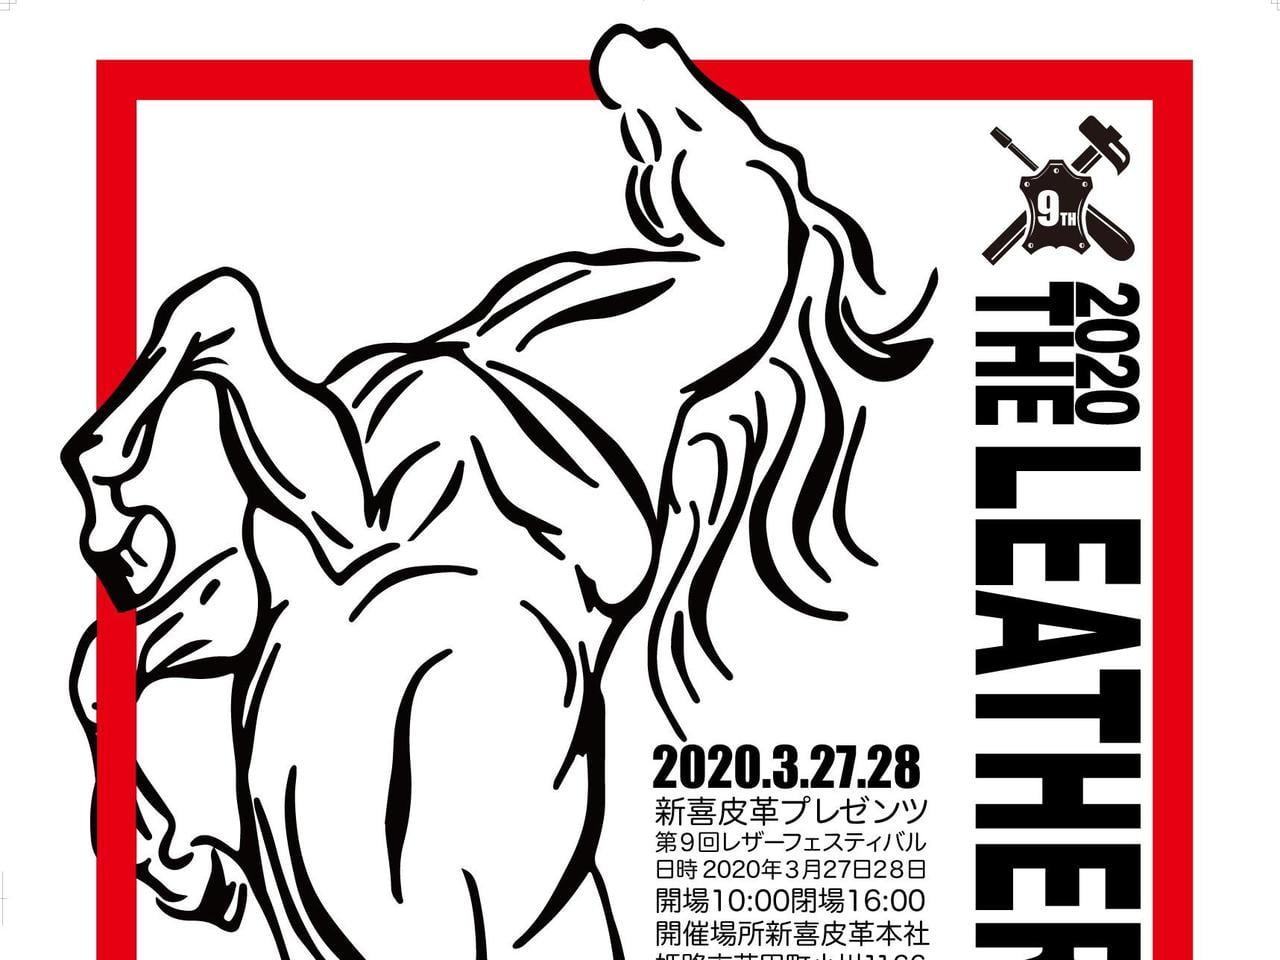 【延期・姫路】新喜皮革presentsレザーフェスティバル2020